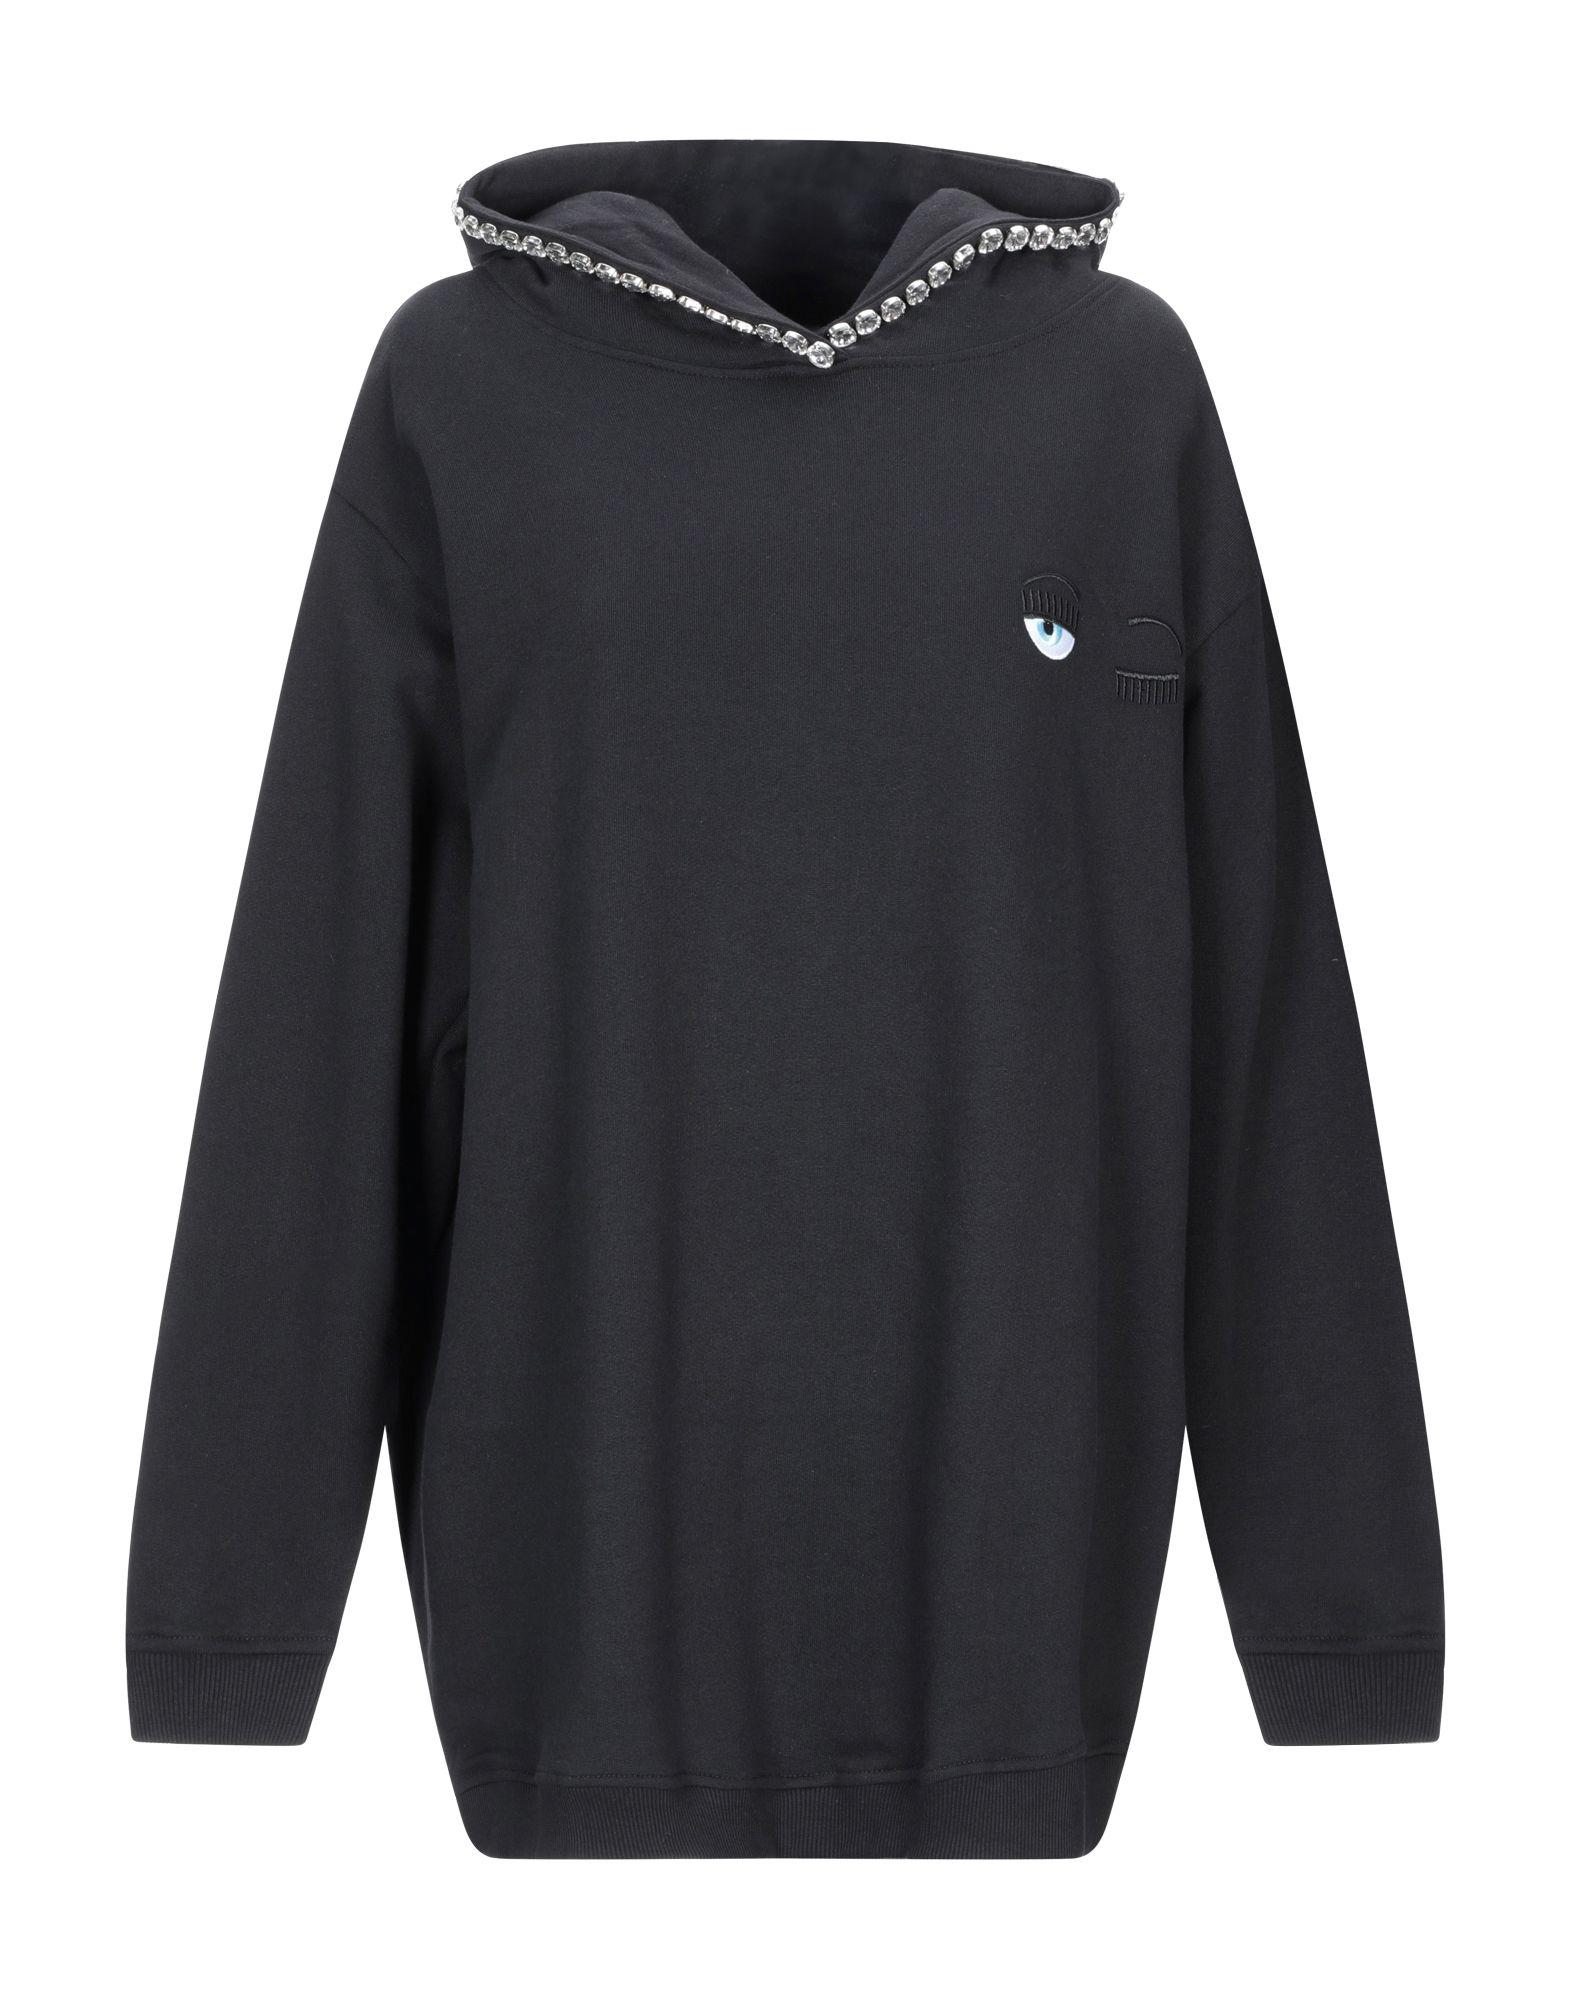 33d14381 логотип, стразы, одноцветное изделие, воротник с капюшоном, длинные рукава,  без карманов, внутри: флис с начесом